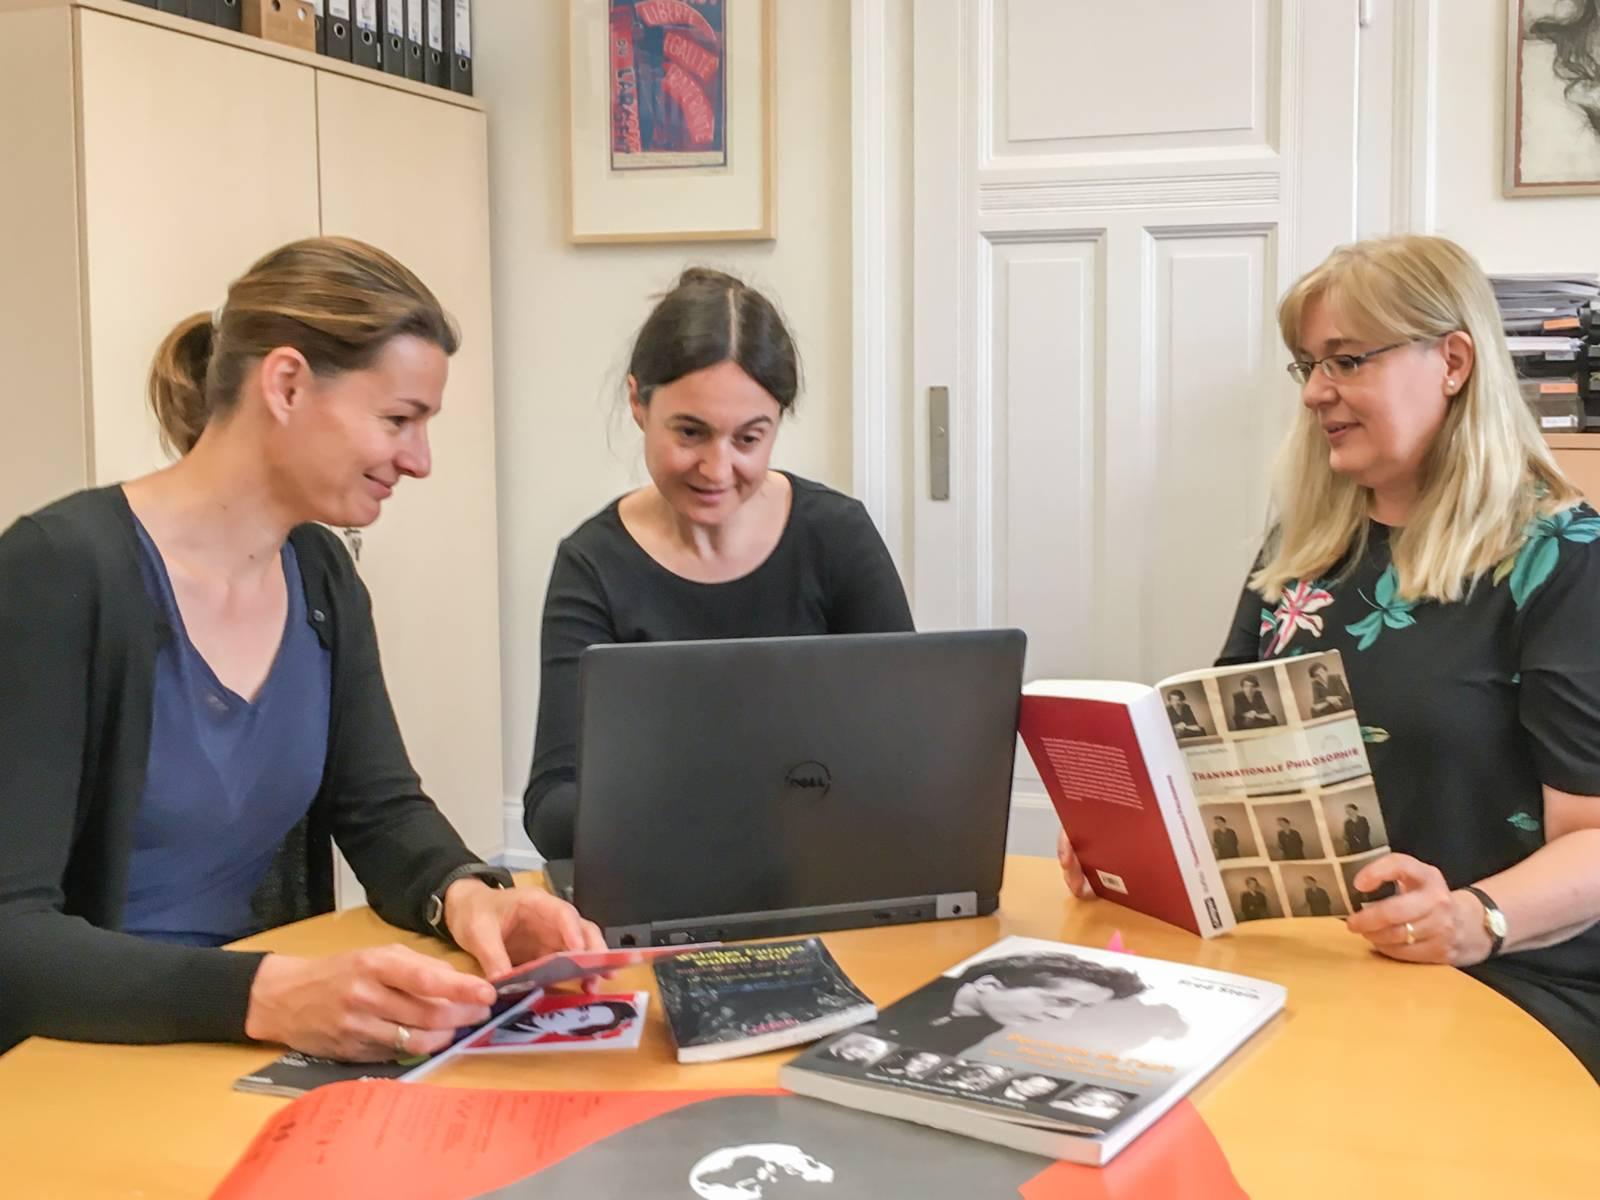 Drei Frauen sitzen an einem Tisch